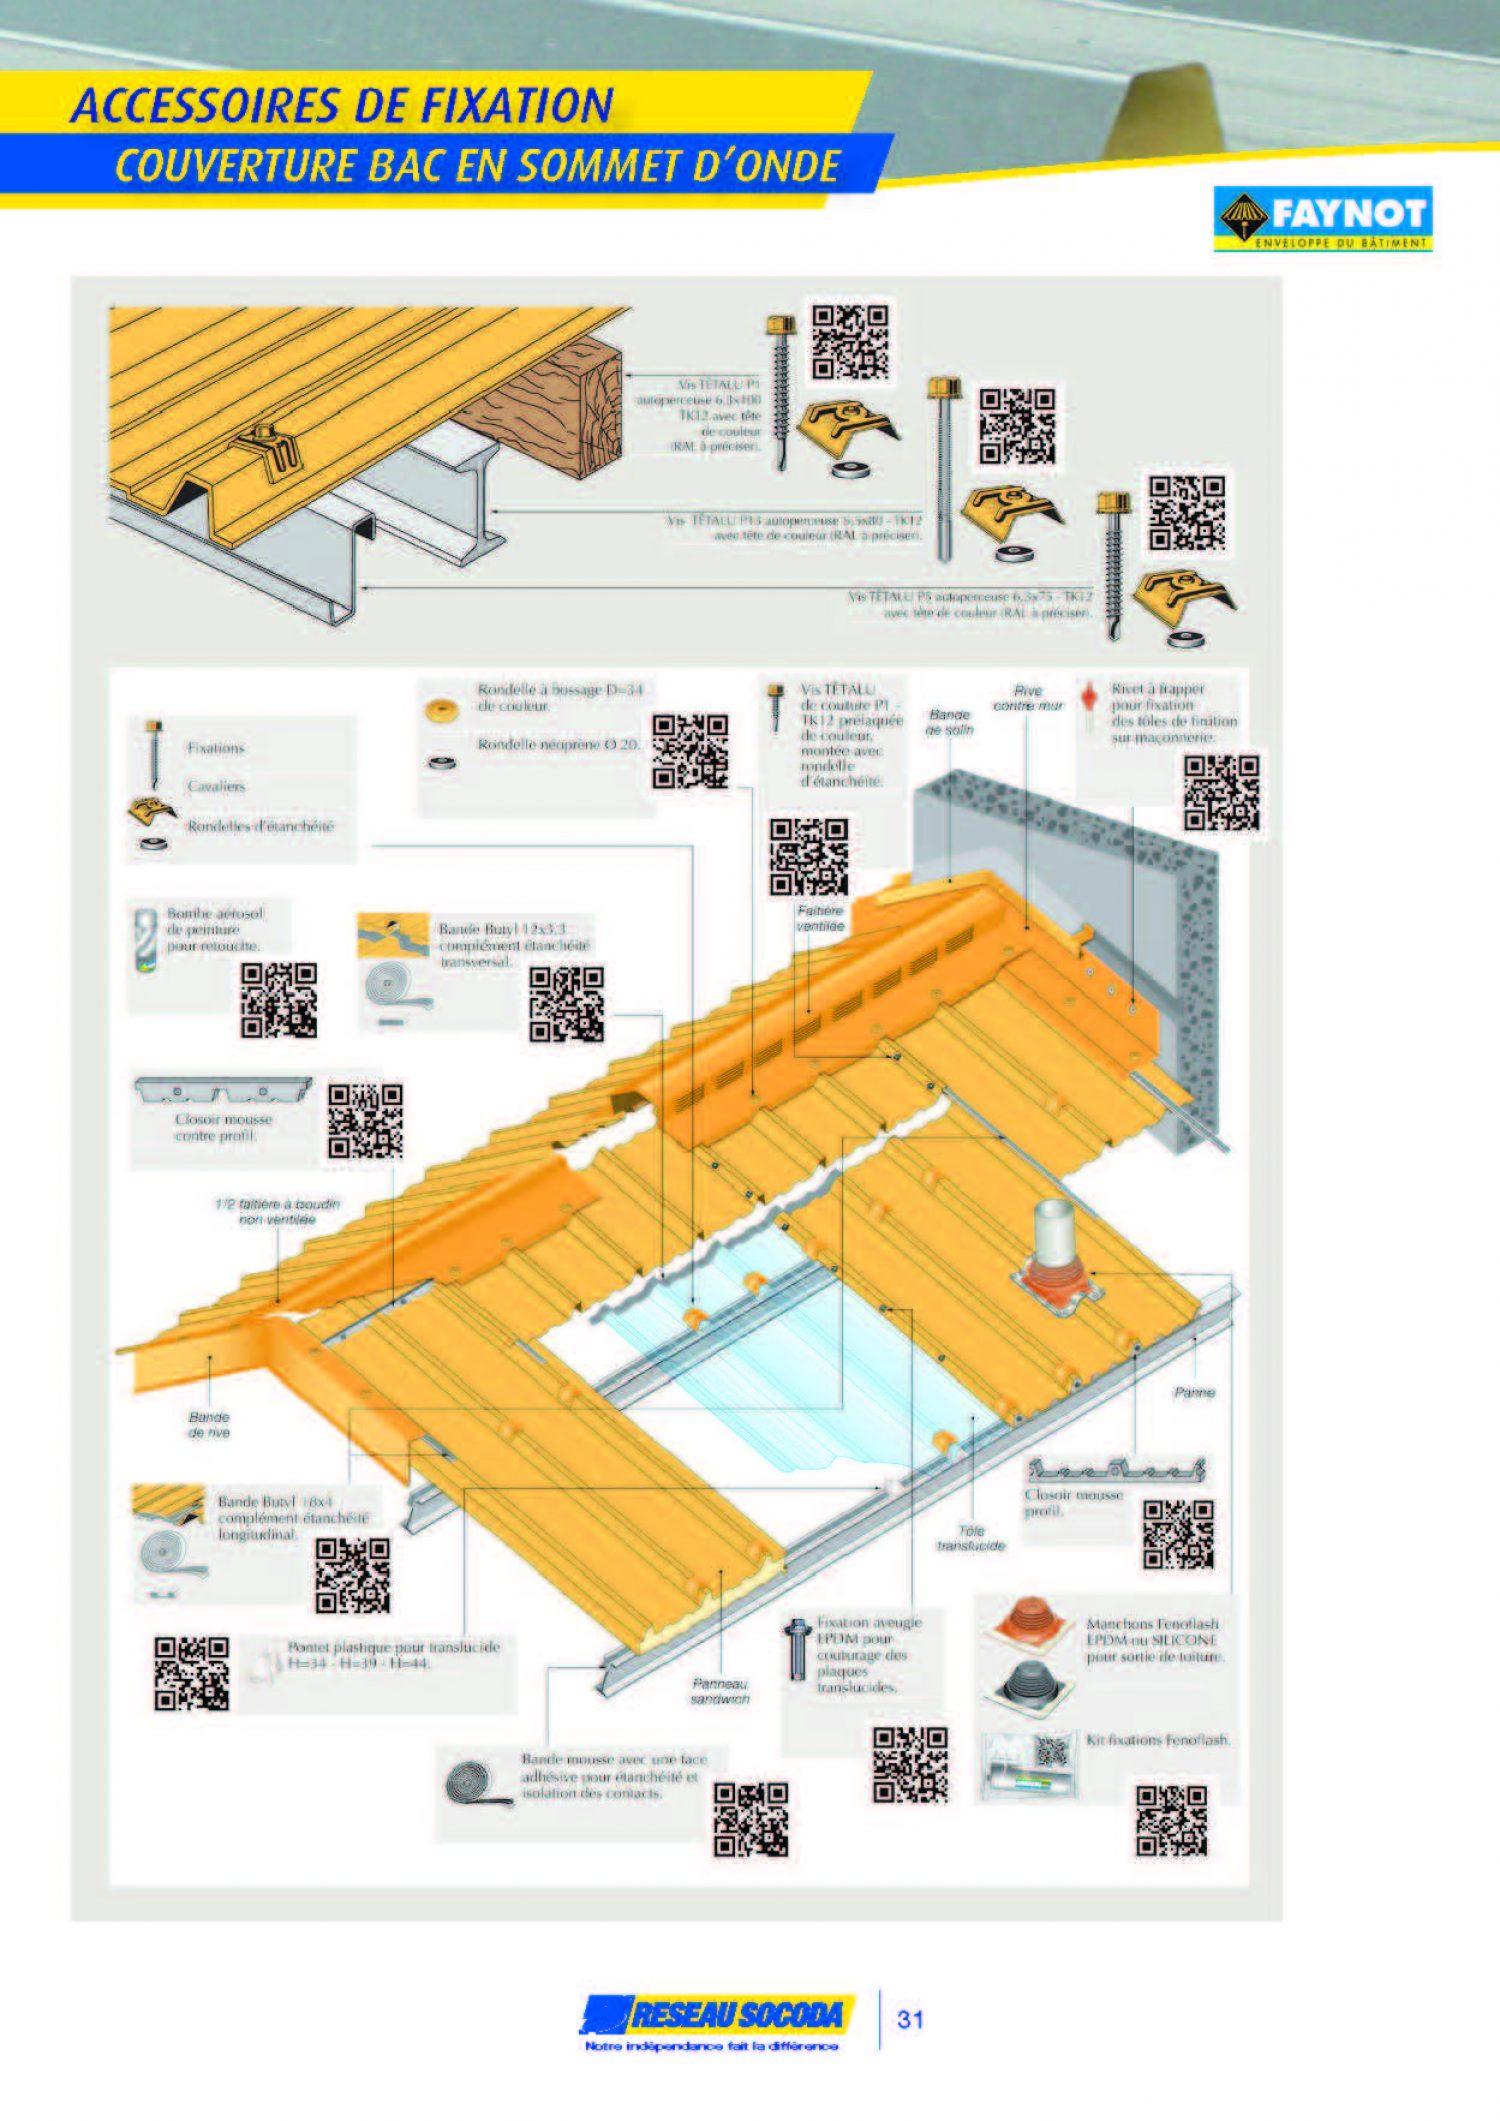 GERMOND_2014 PROFIL BATIMENT_20140324-184231_Page_31